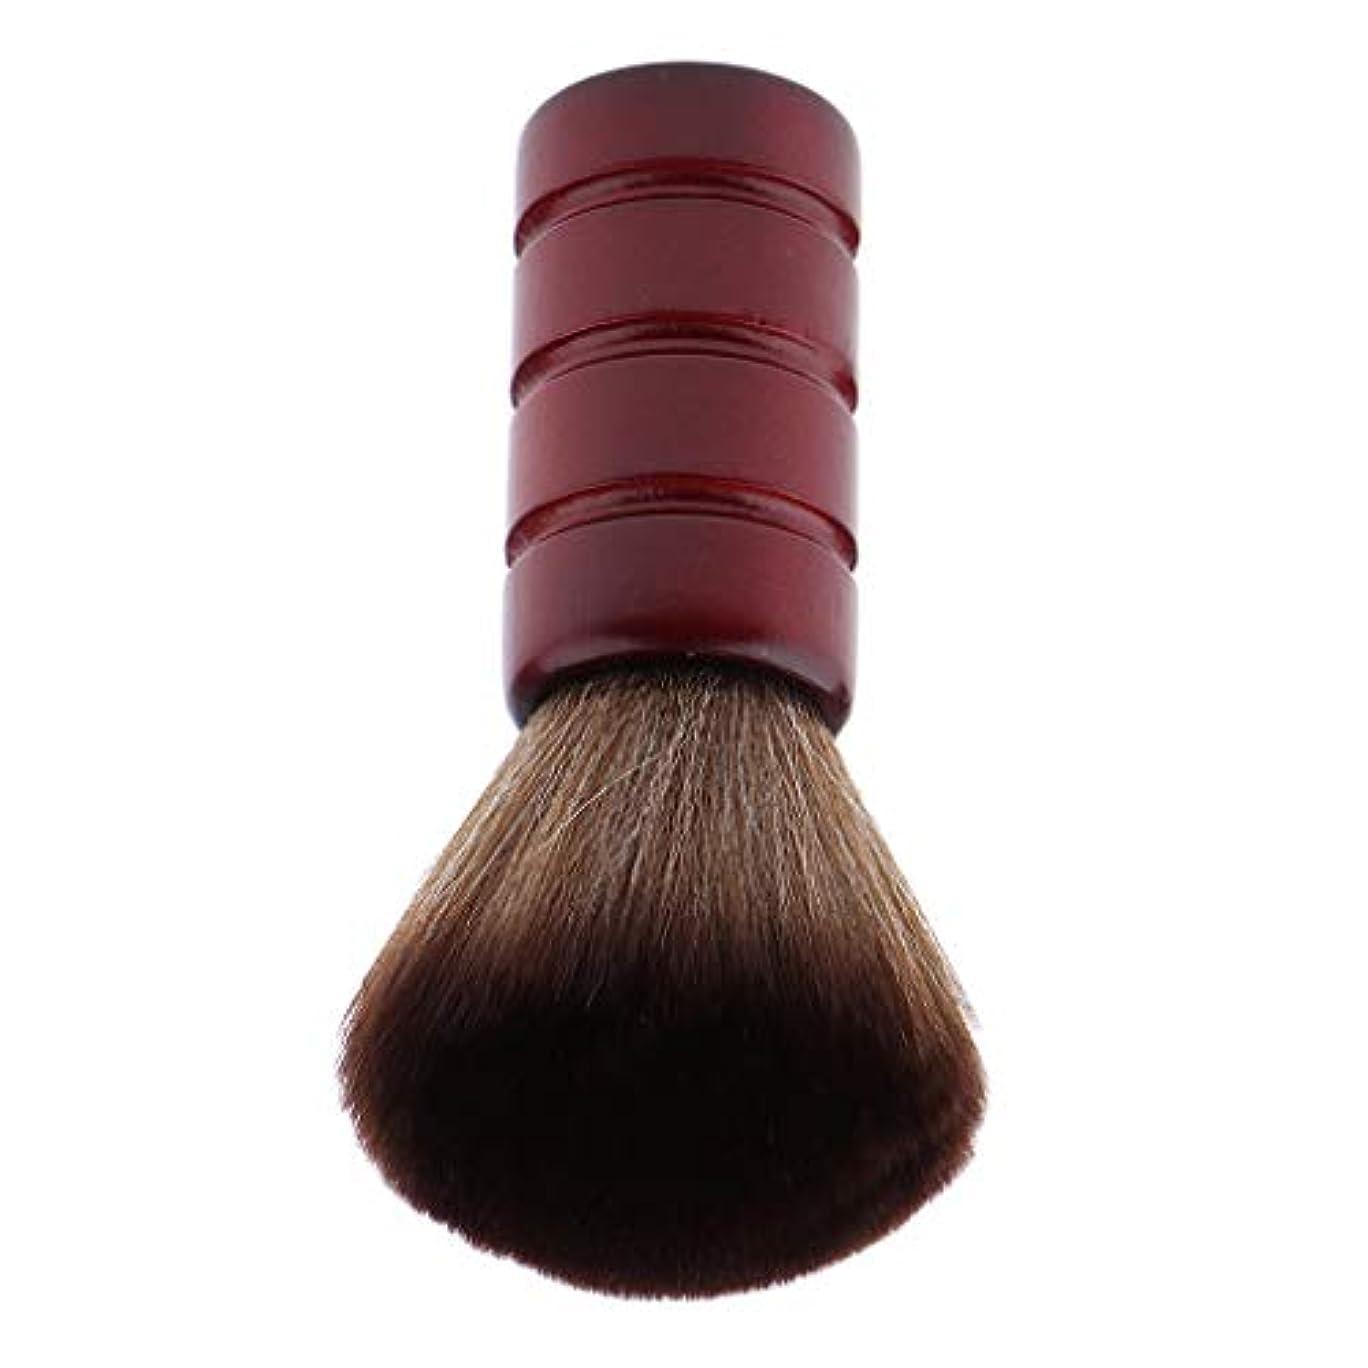 価値ペフ失うF Fityle バーバー ネックダスターブラシ 理髪 サロン 顔のダスターブラシ シェービング ヘアカット ブラシ